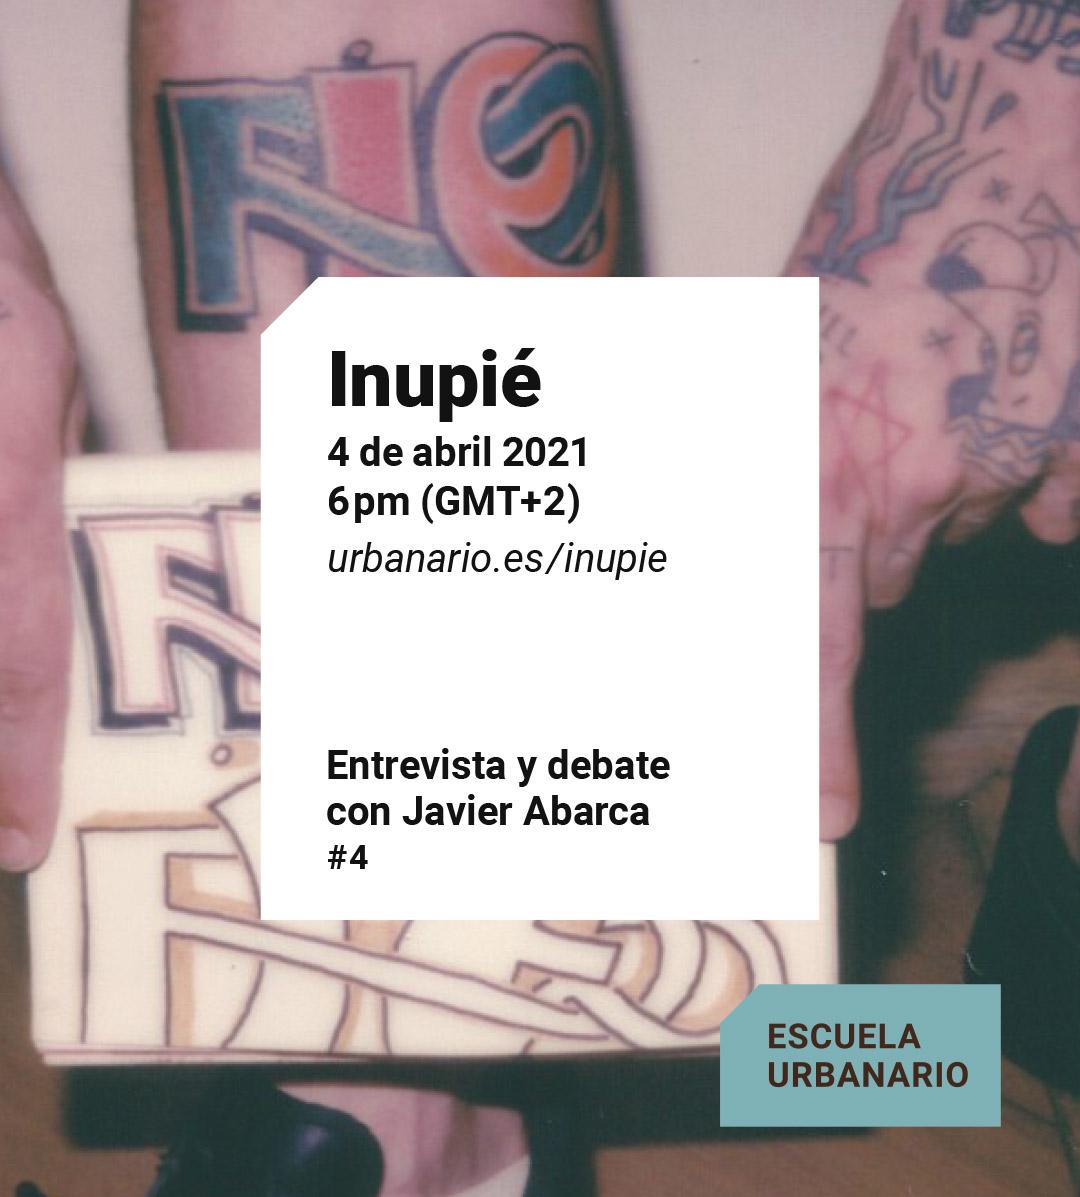 Inupie